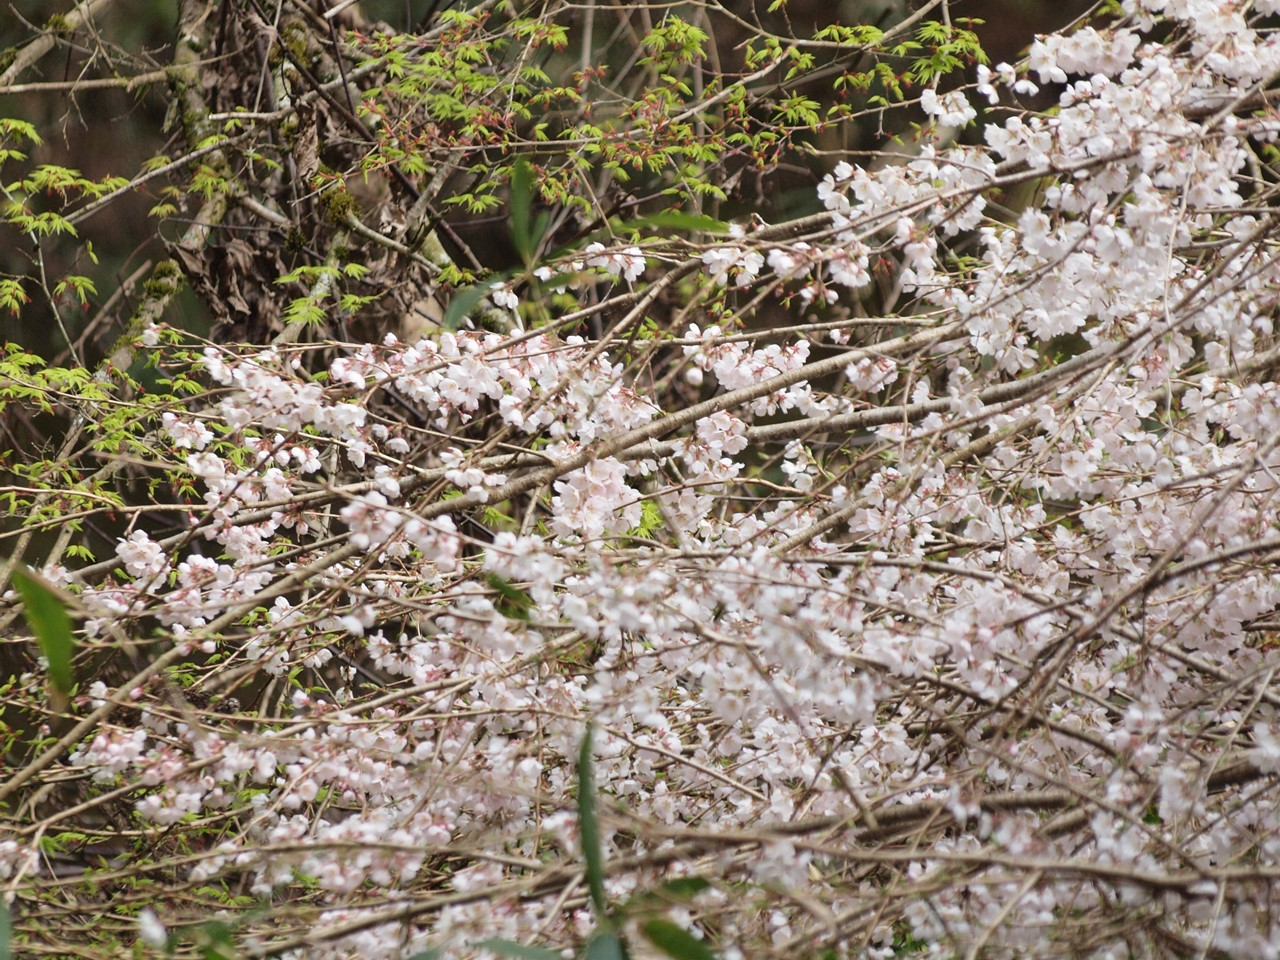 『寺尾ヶ原千本桜公園を歩いて』_d0054276_2059964.jpg